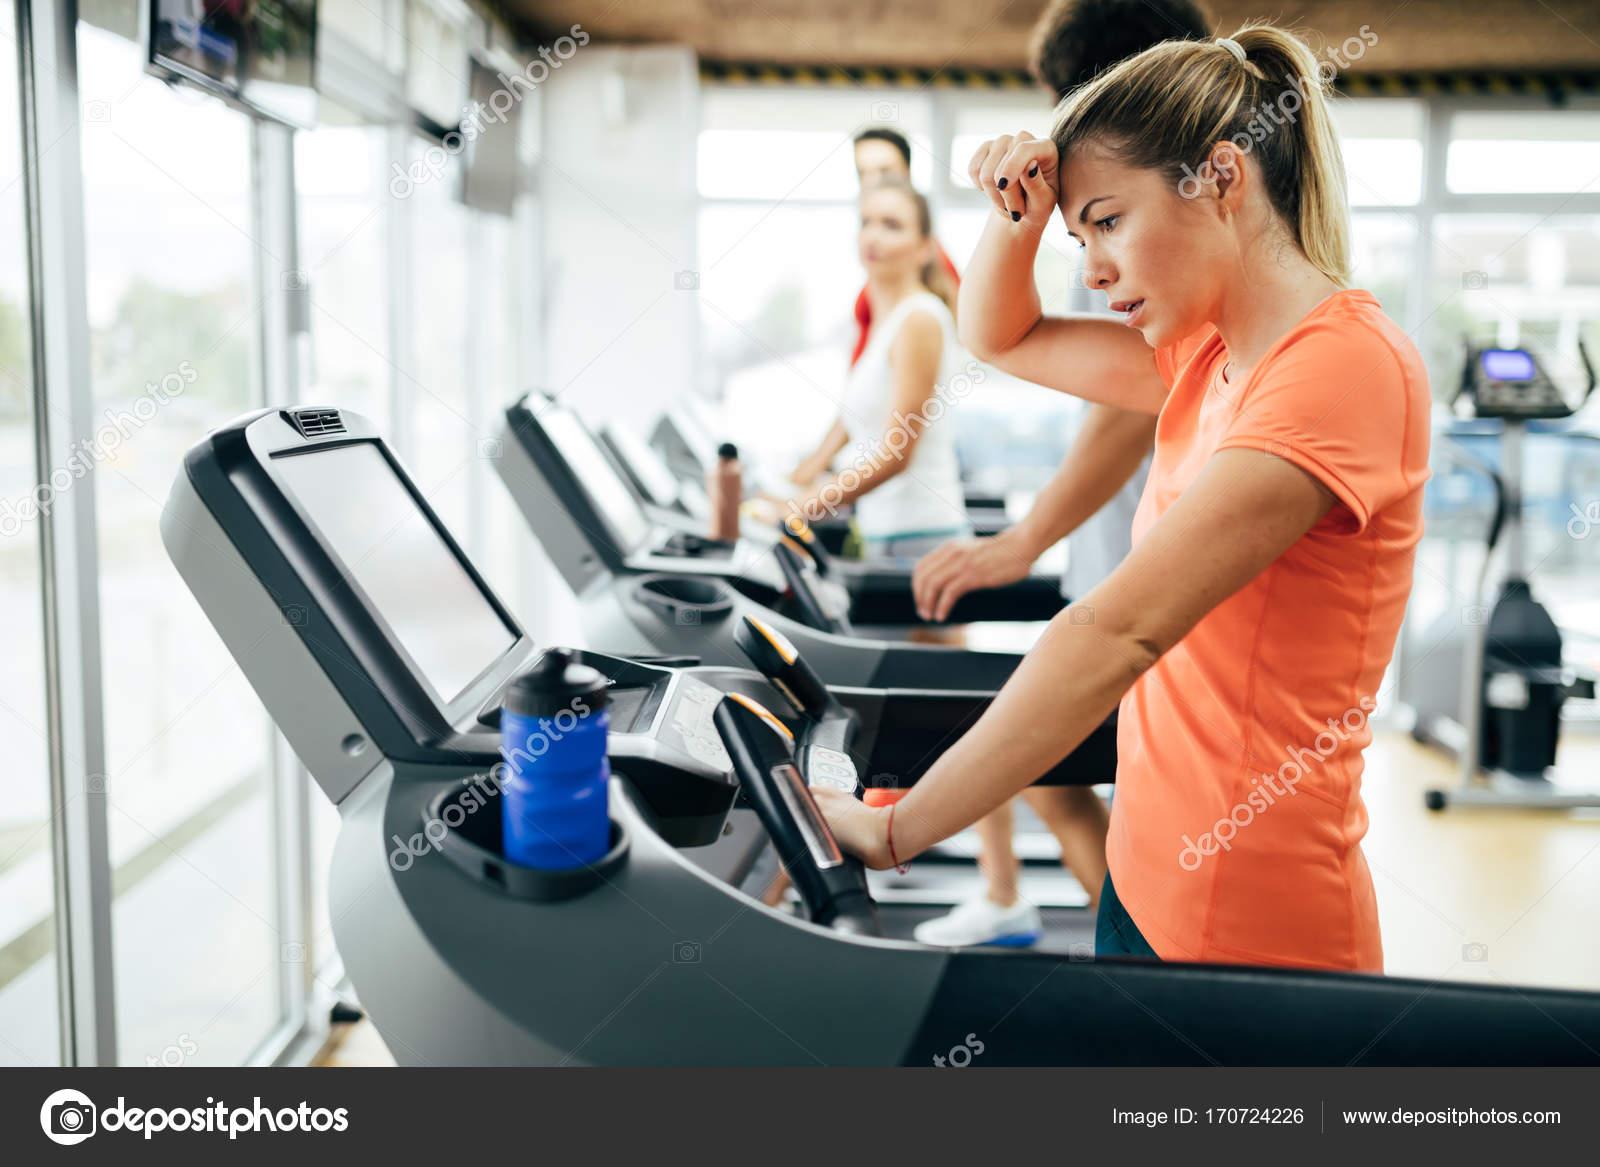 Seznamka pro tělocvičnu